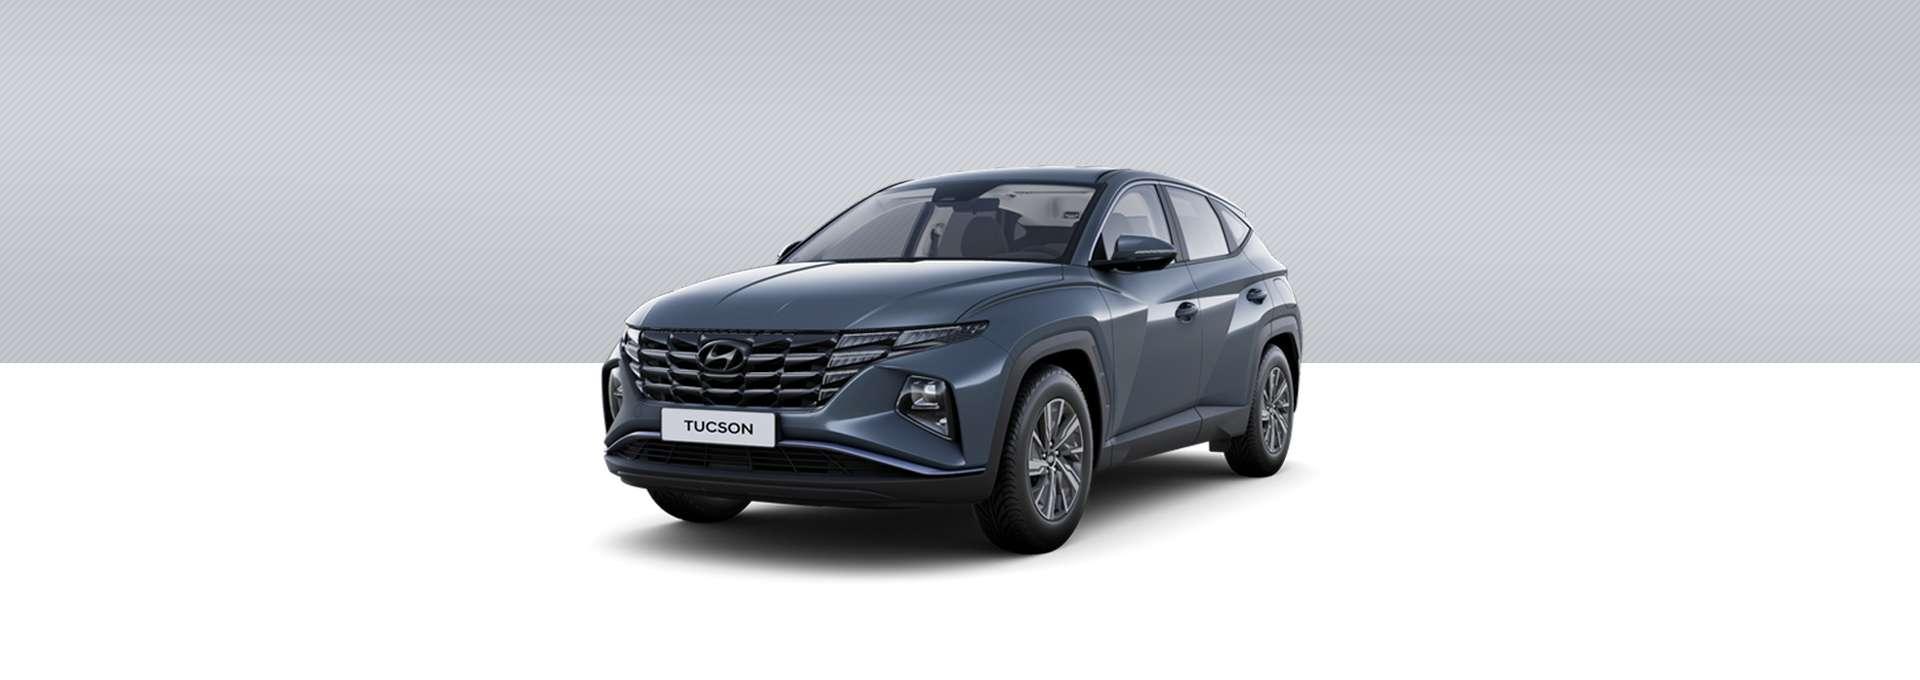 Hyundai Nuevo Tucson Combustión / Híbrido 48V